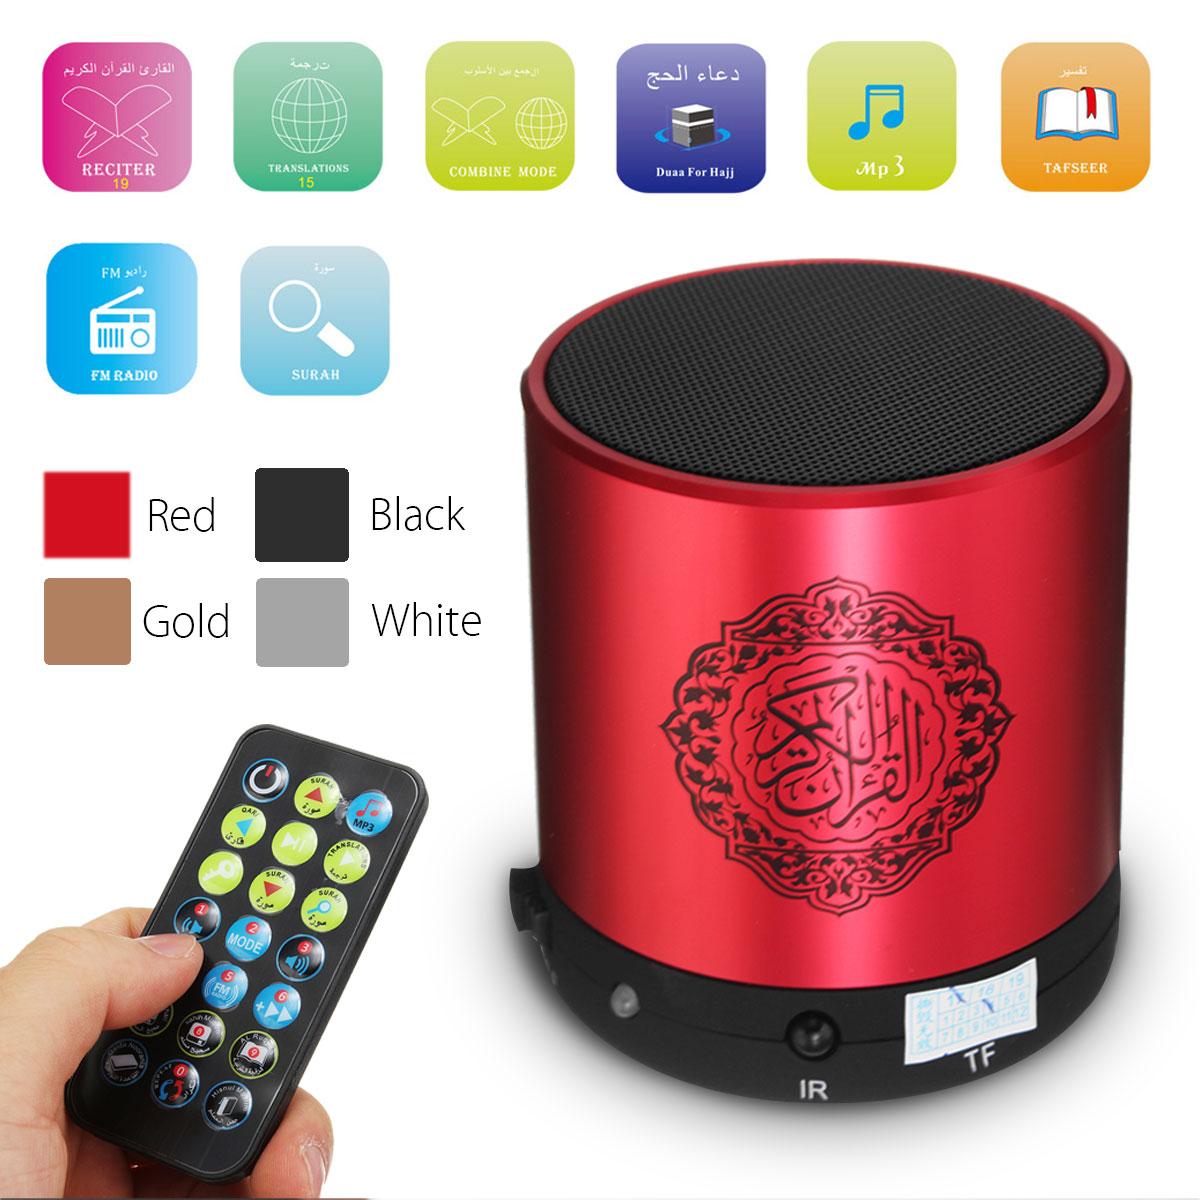 LEORY Nouveau 8 GB TF FM Haut-Parleur Télécommande Haut-Parleur Coran Haut-Parleur MP3 Lecteur Coran Coran Traducteur USB Rechargeable Haut-Parleur NOUS